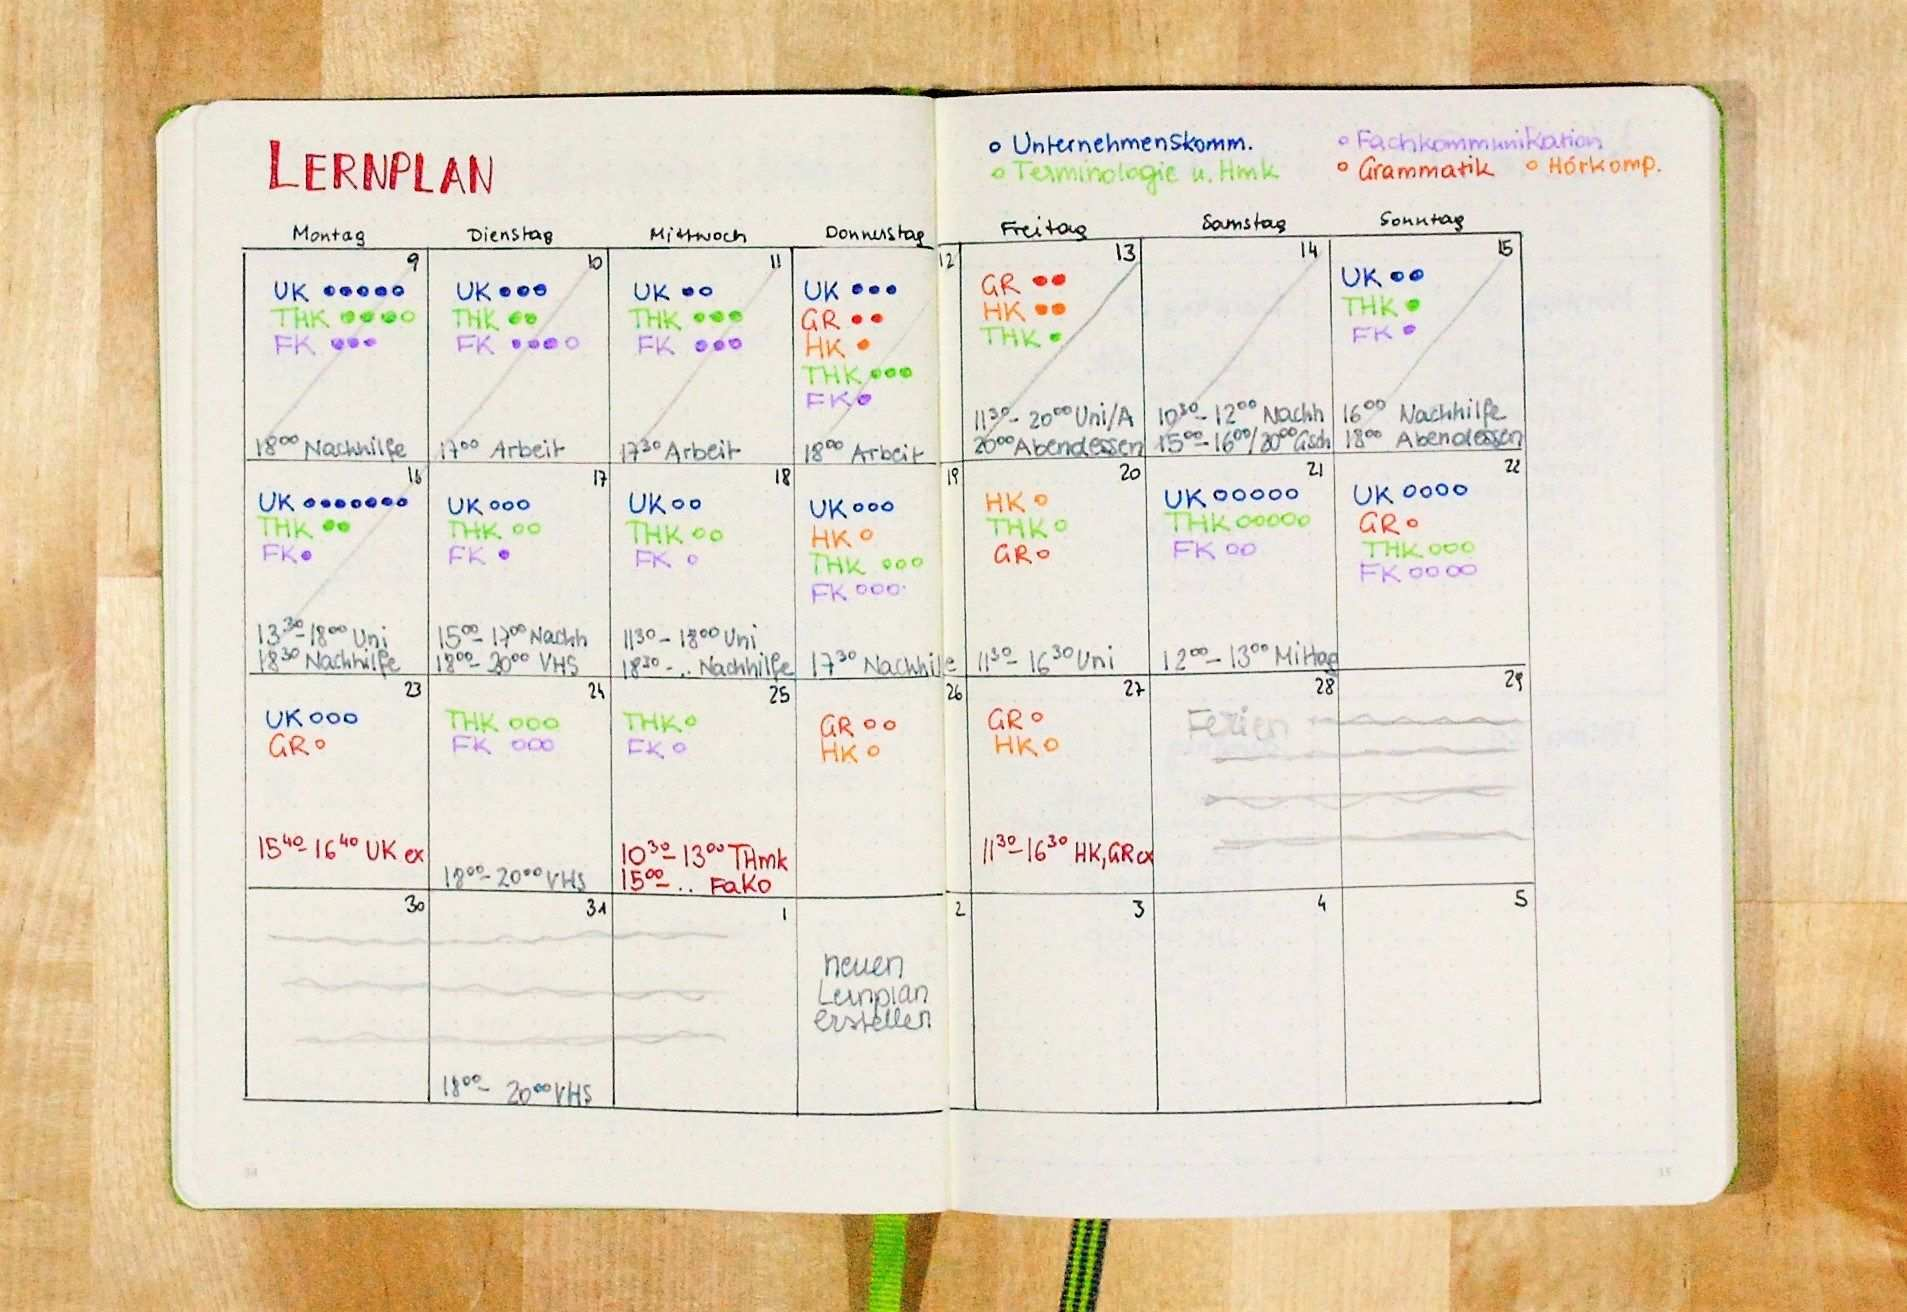 Einen Lernplan Erstellen Lernplan Studieren Tipps Lernen